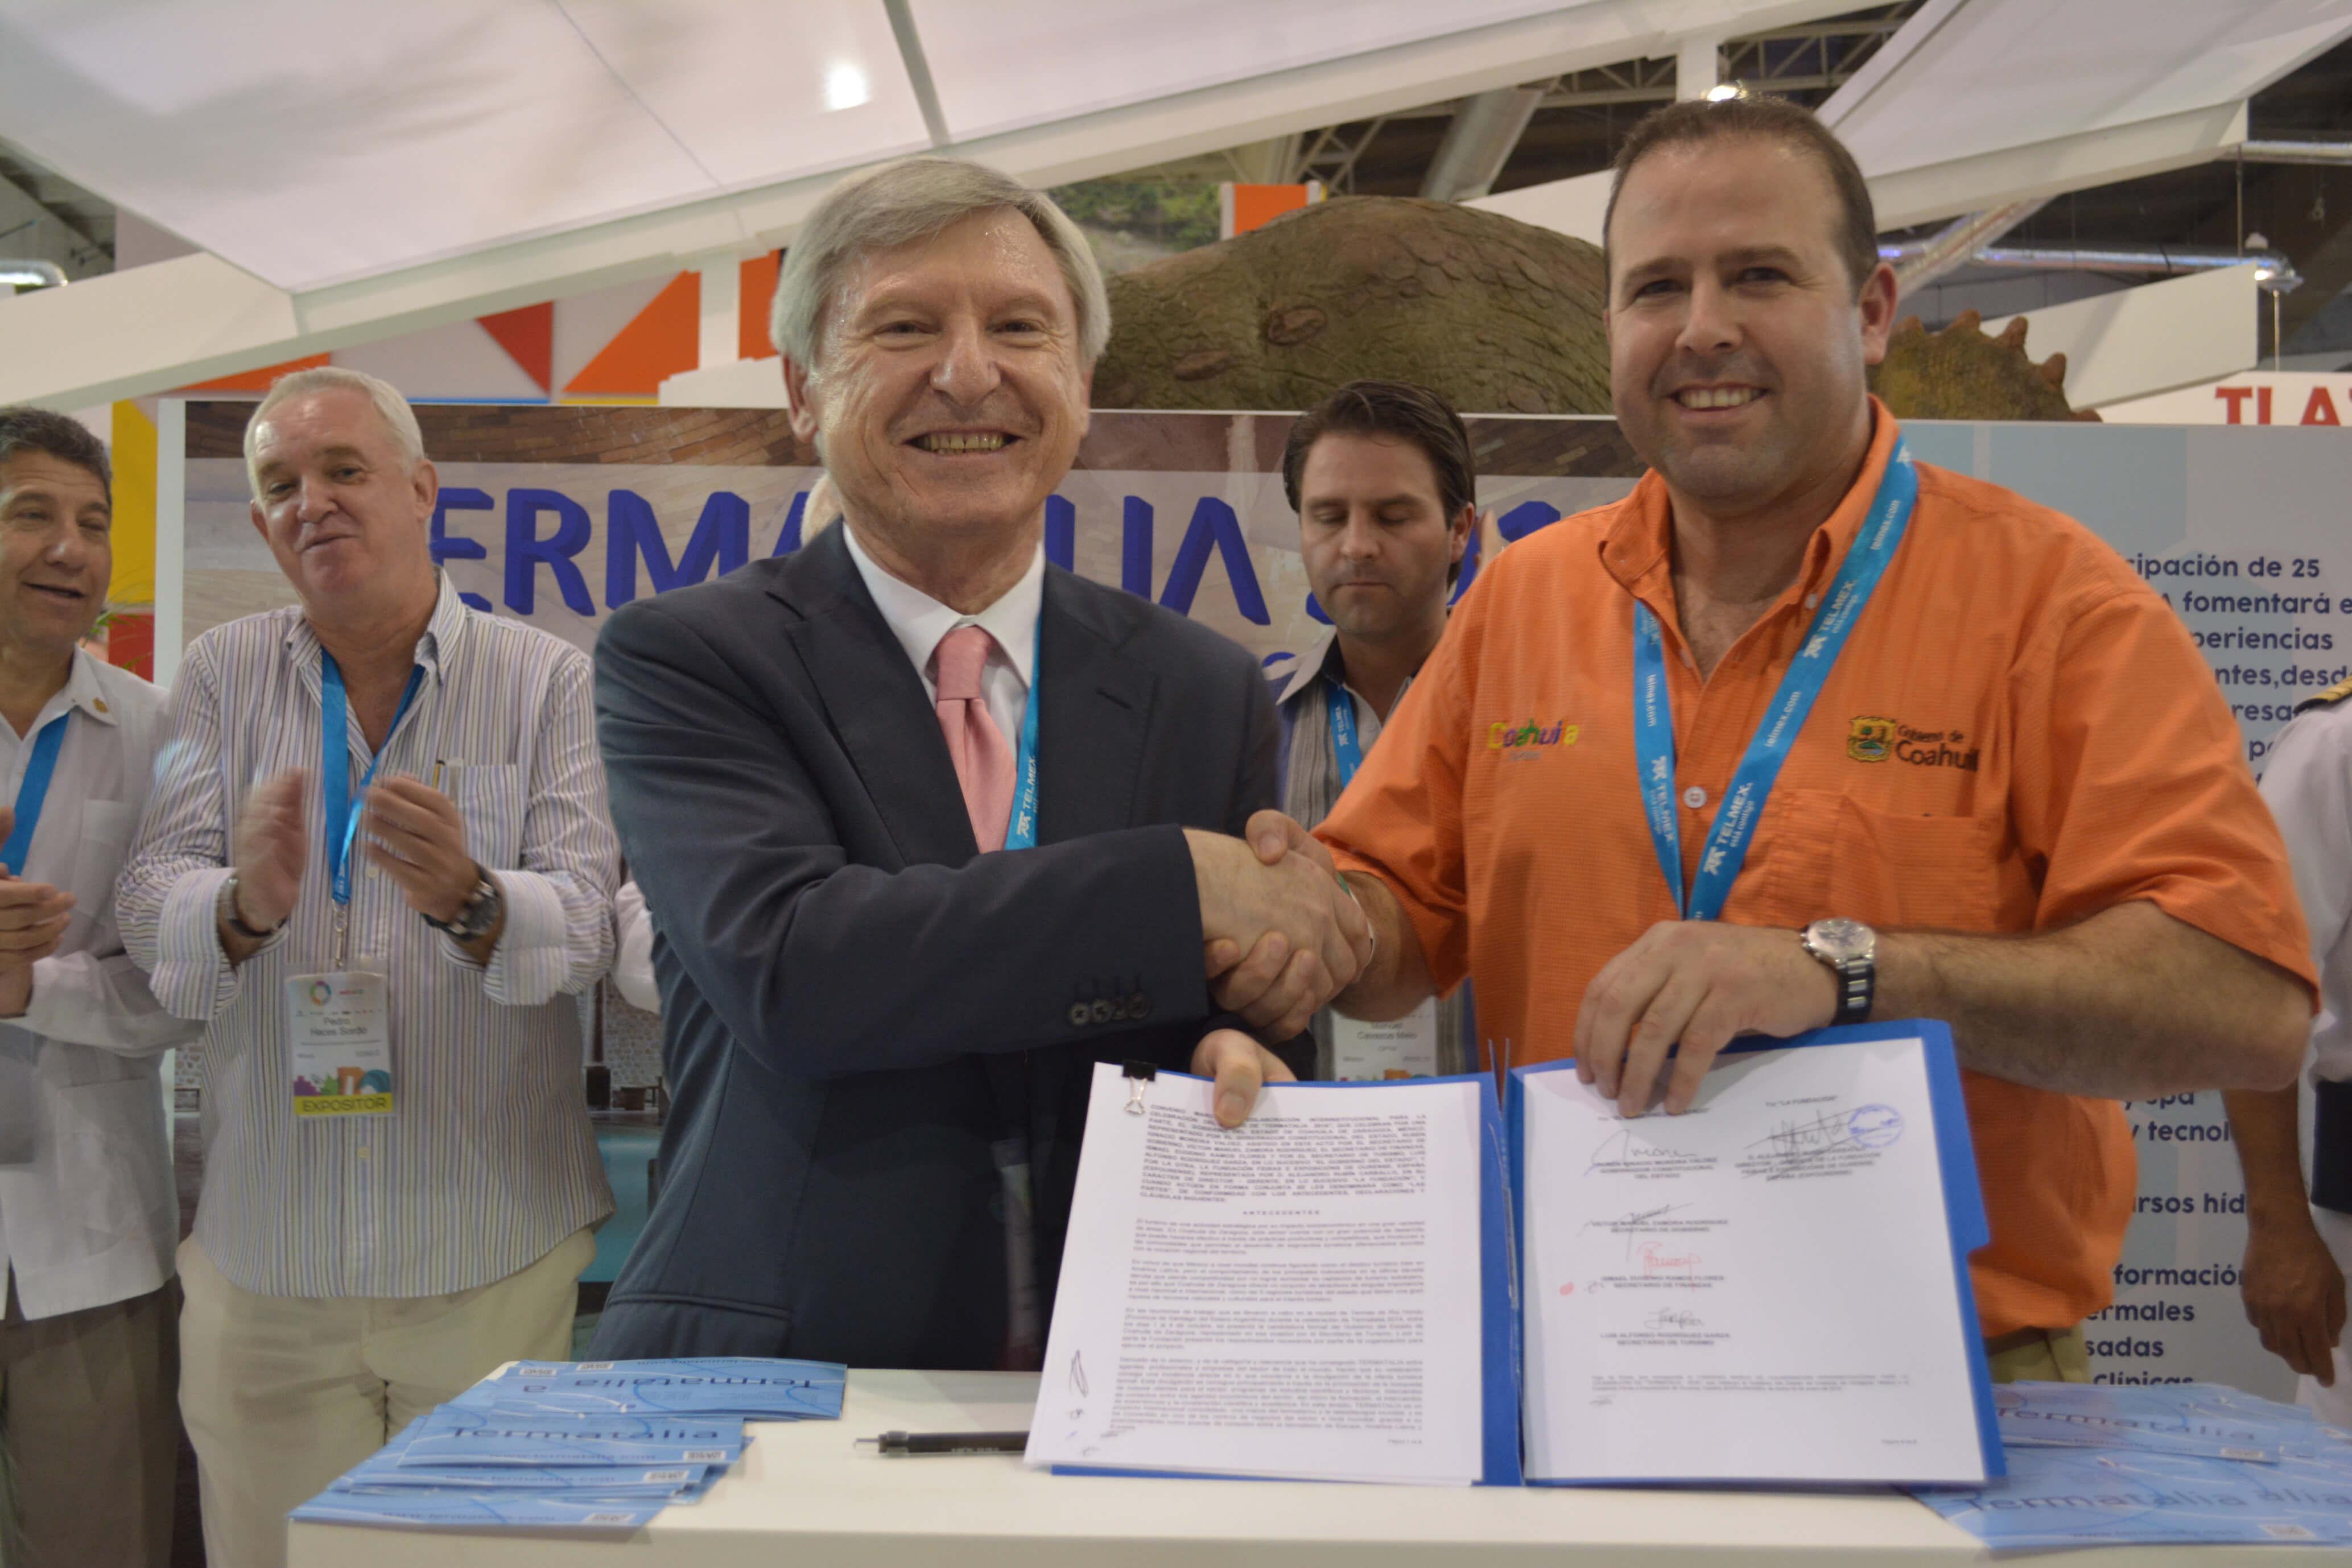 La próxima edición de Termatalia 2016 se celebrará en México